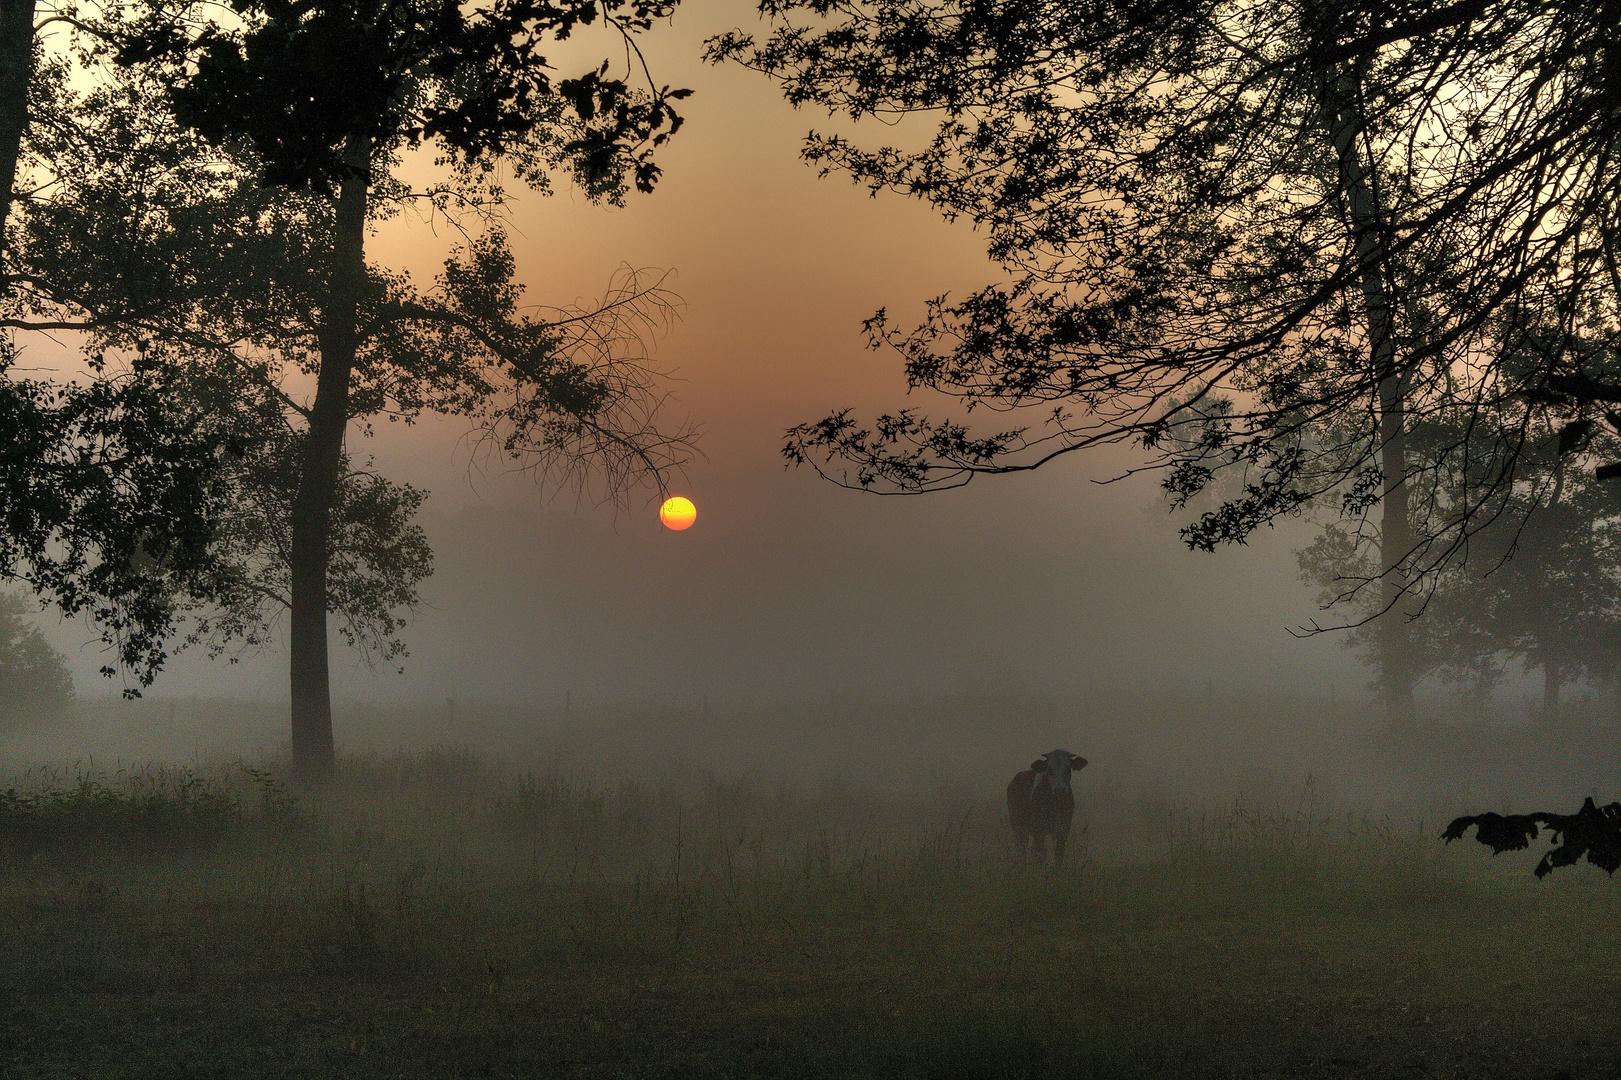 Tout seul dans la brume